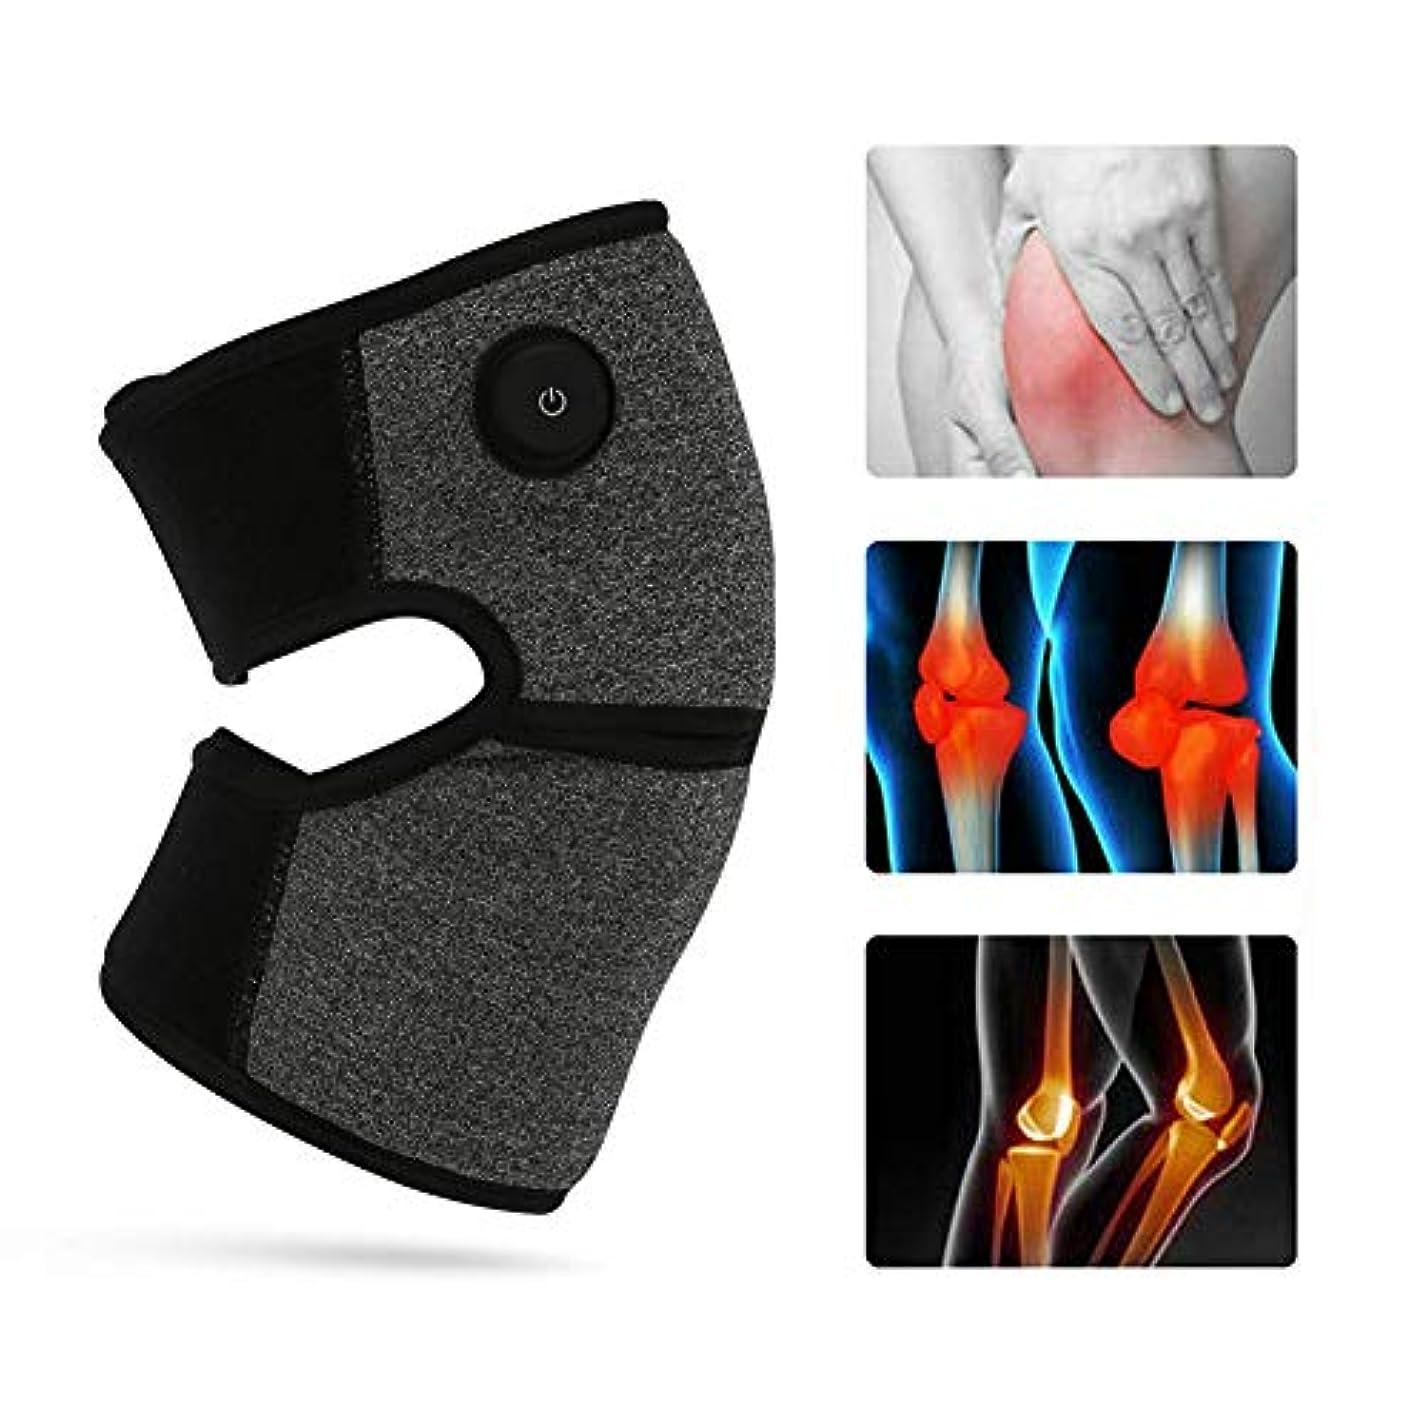 慣らすプログレッシブ説明する膝関節炎のための3ファイル温度加熱膝装具療法ホット圧縮による電気加熱膝ラップサポート,2pcs